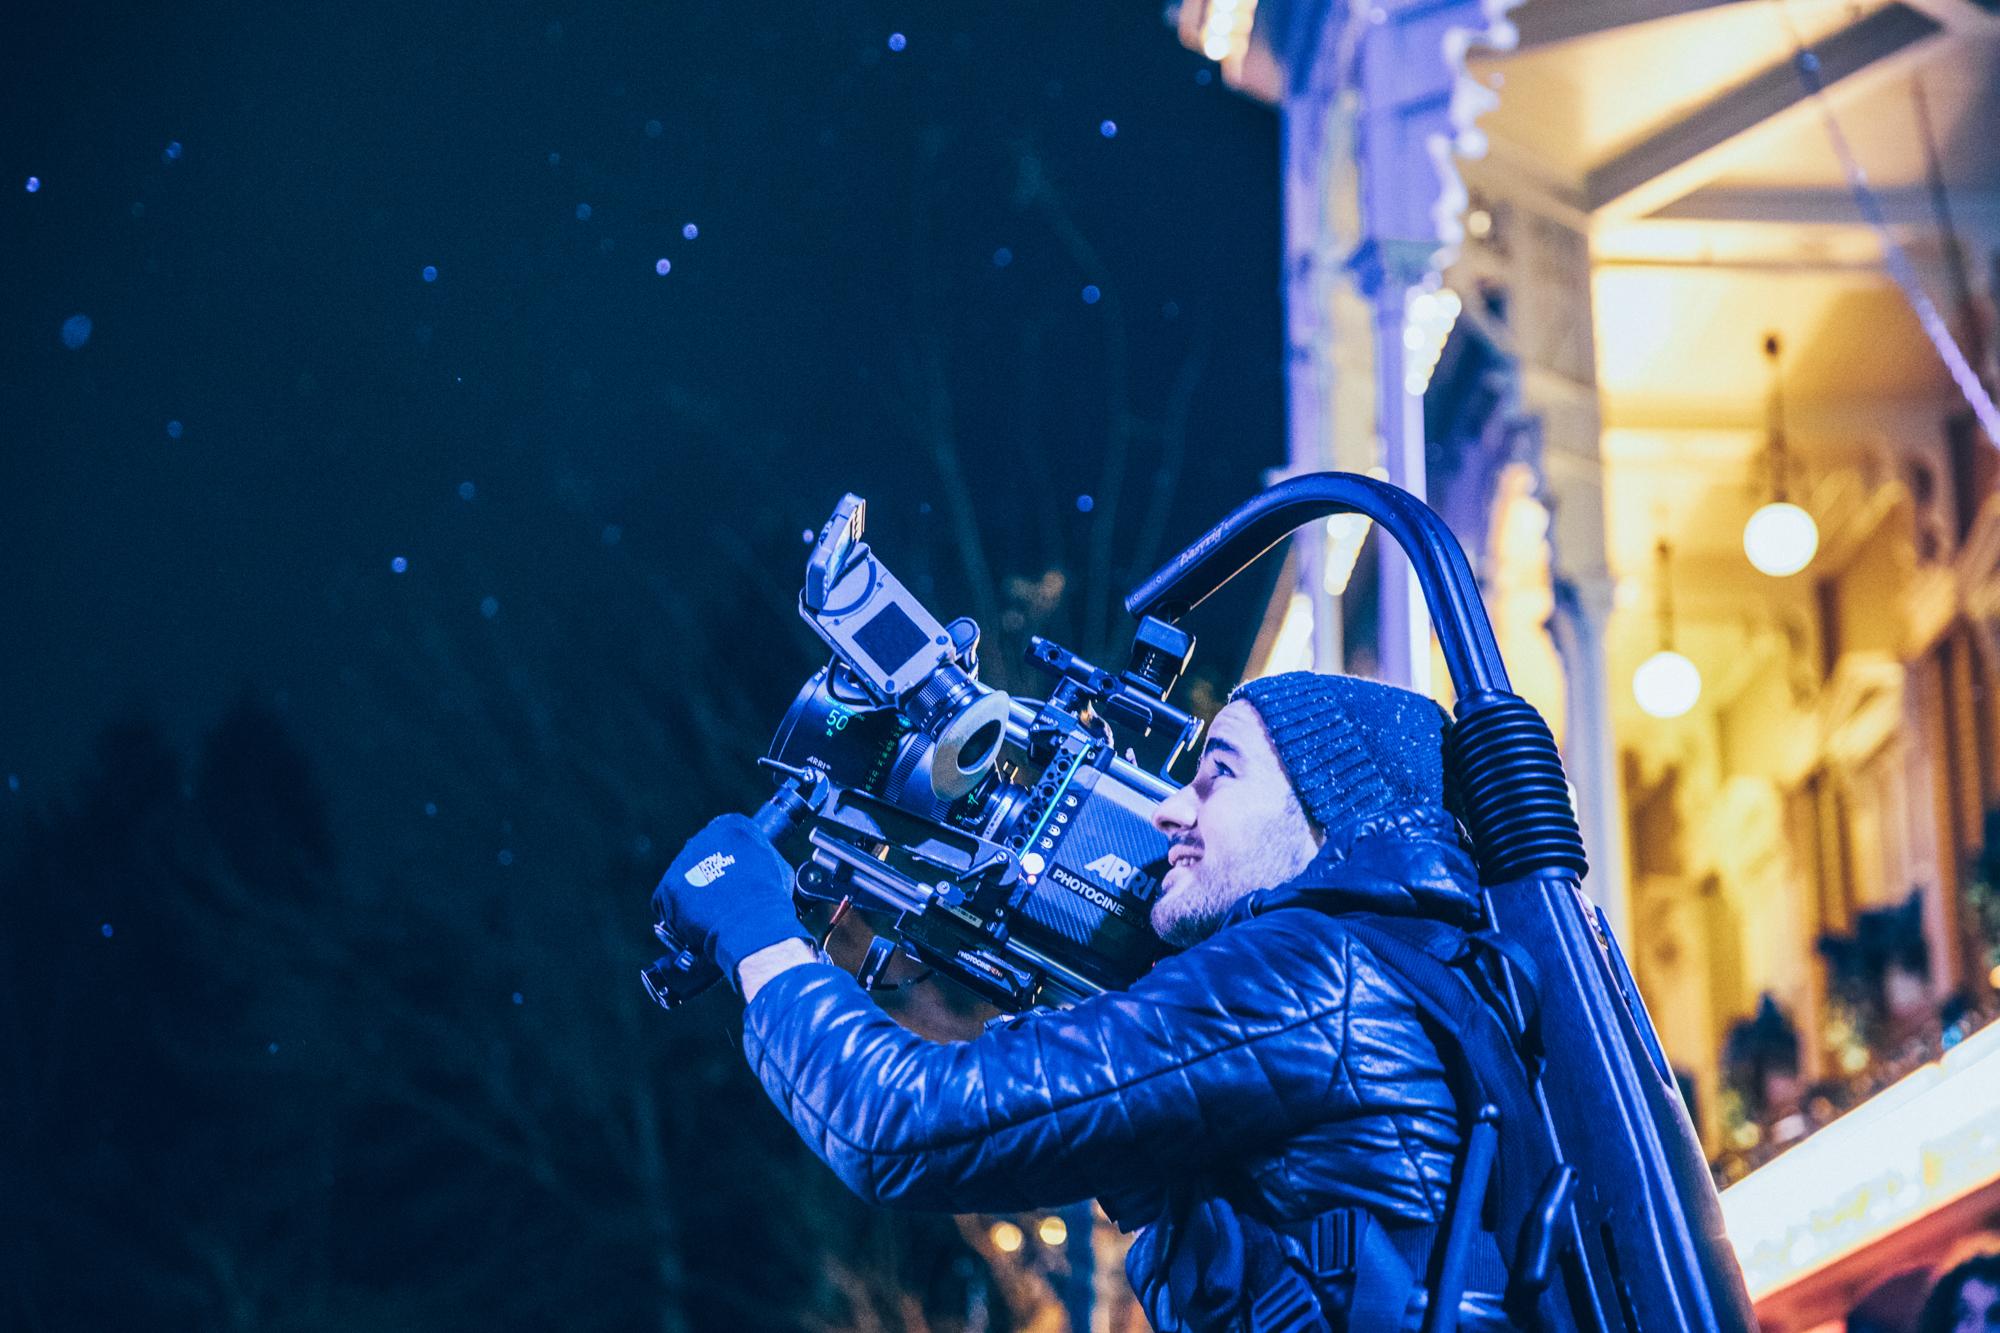 film événementiel et vidéo d'entreprise